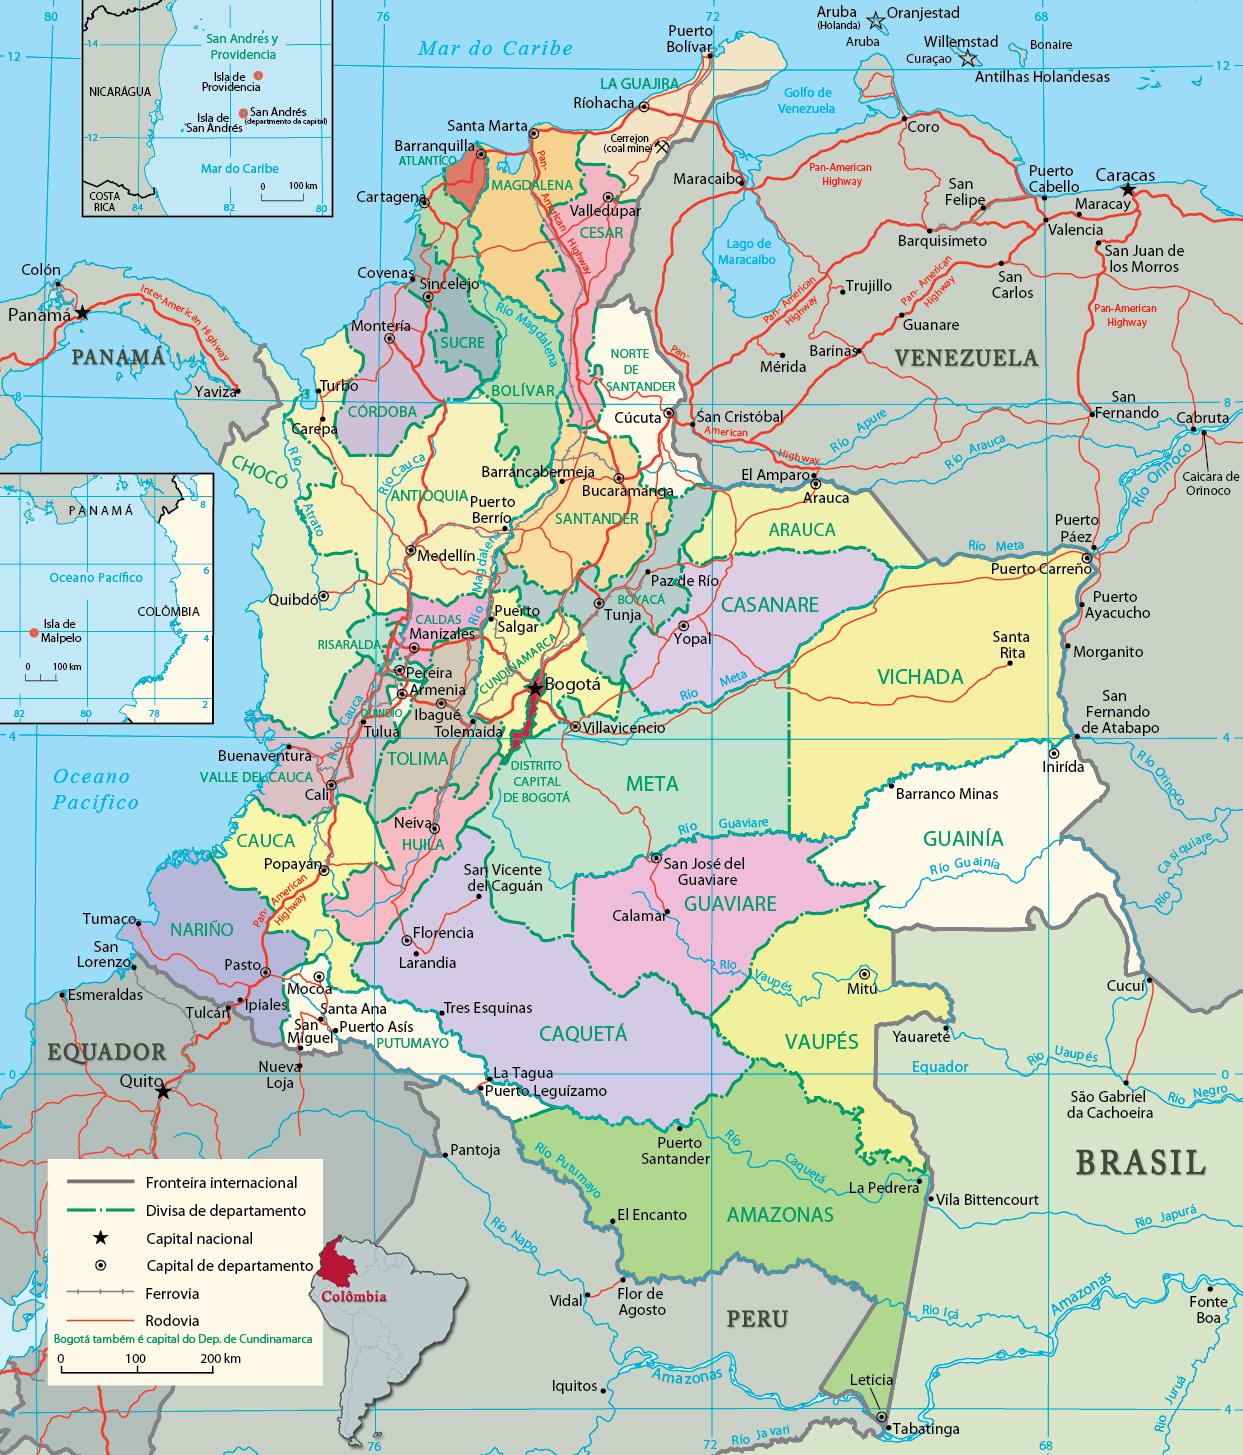 Mapa Politico De Utah Mapa Politico De Colombia Para